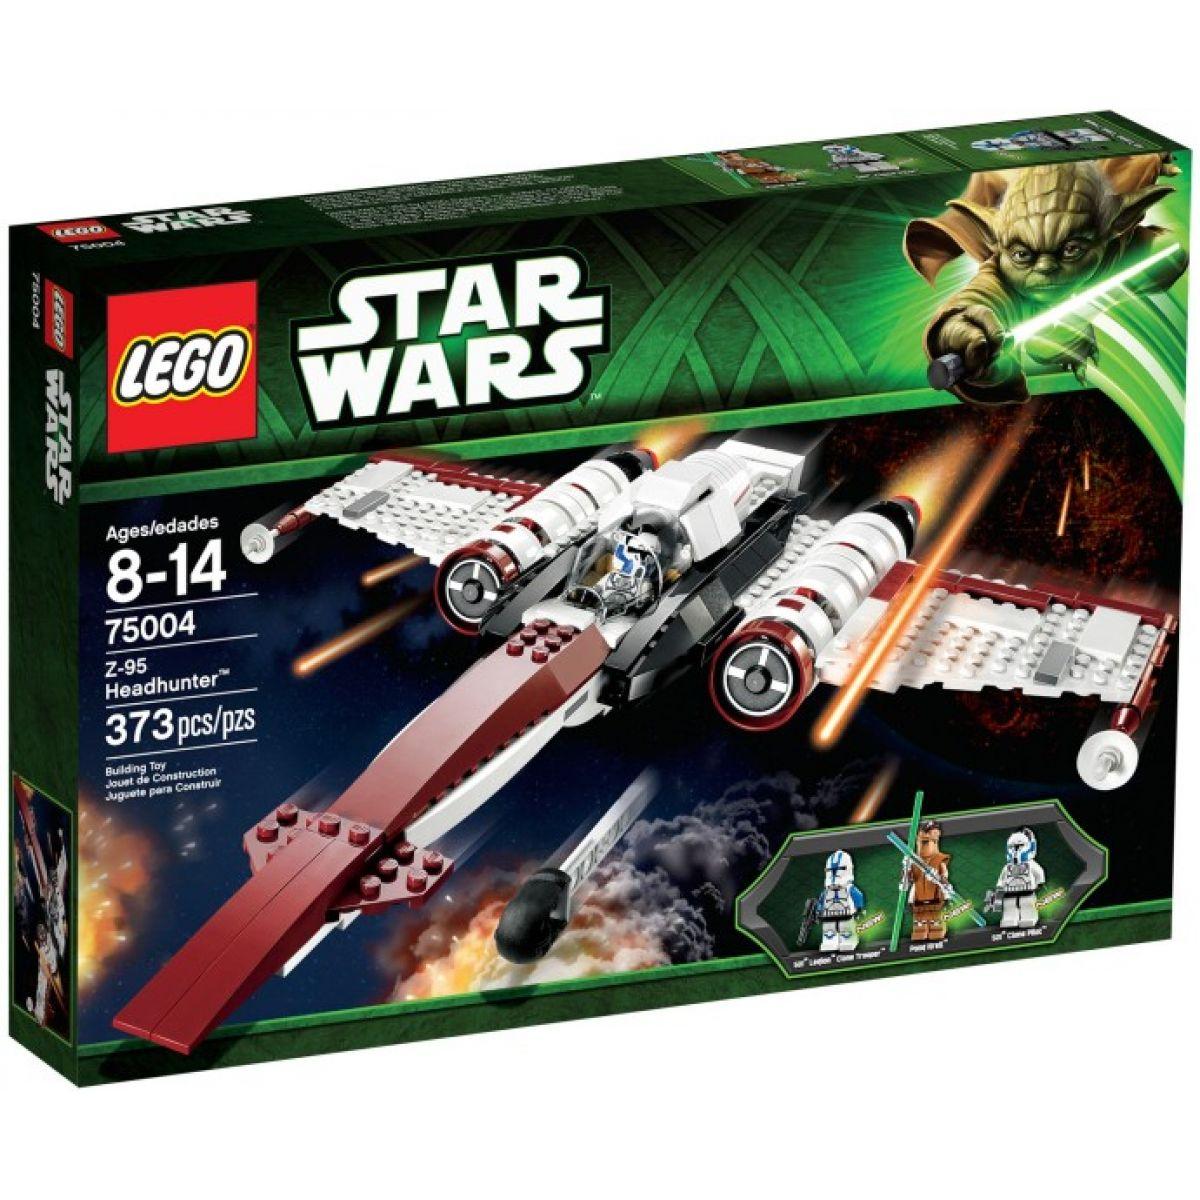 LEGO Star Wars 75004 Headhunter